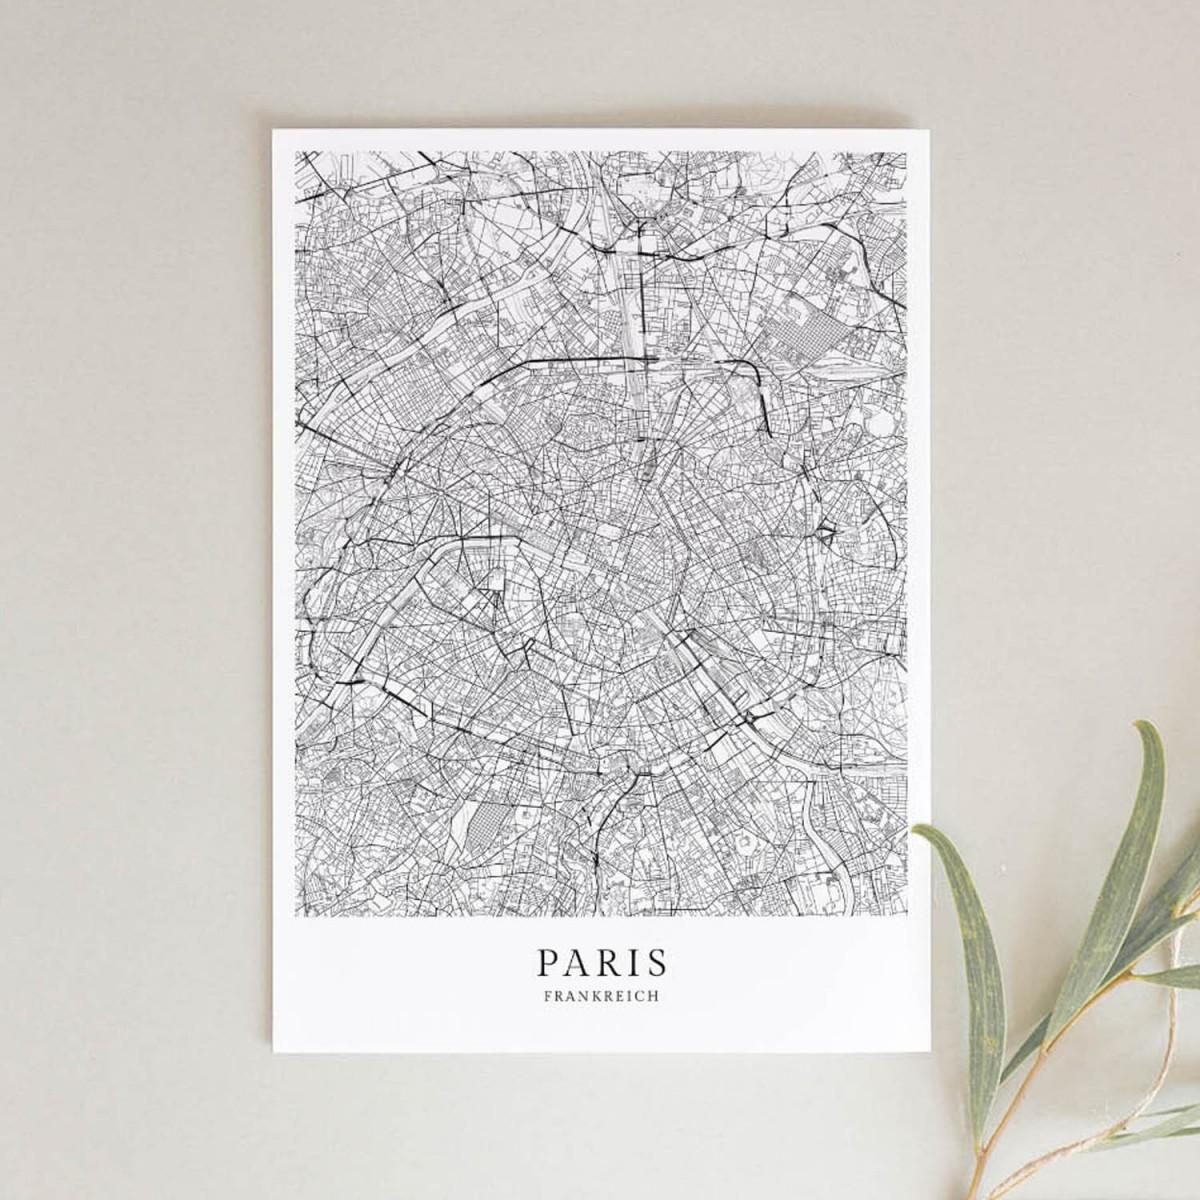 Paris als hochwertiges Poster im skandinavischen Stil von Skanemarie